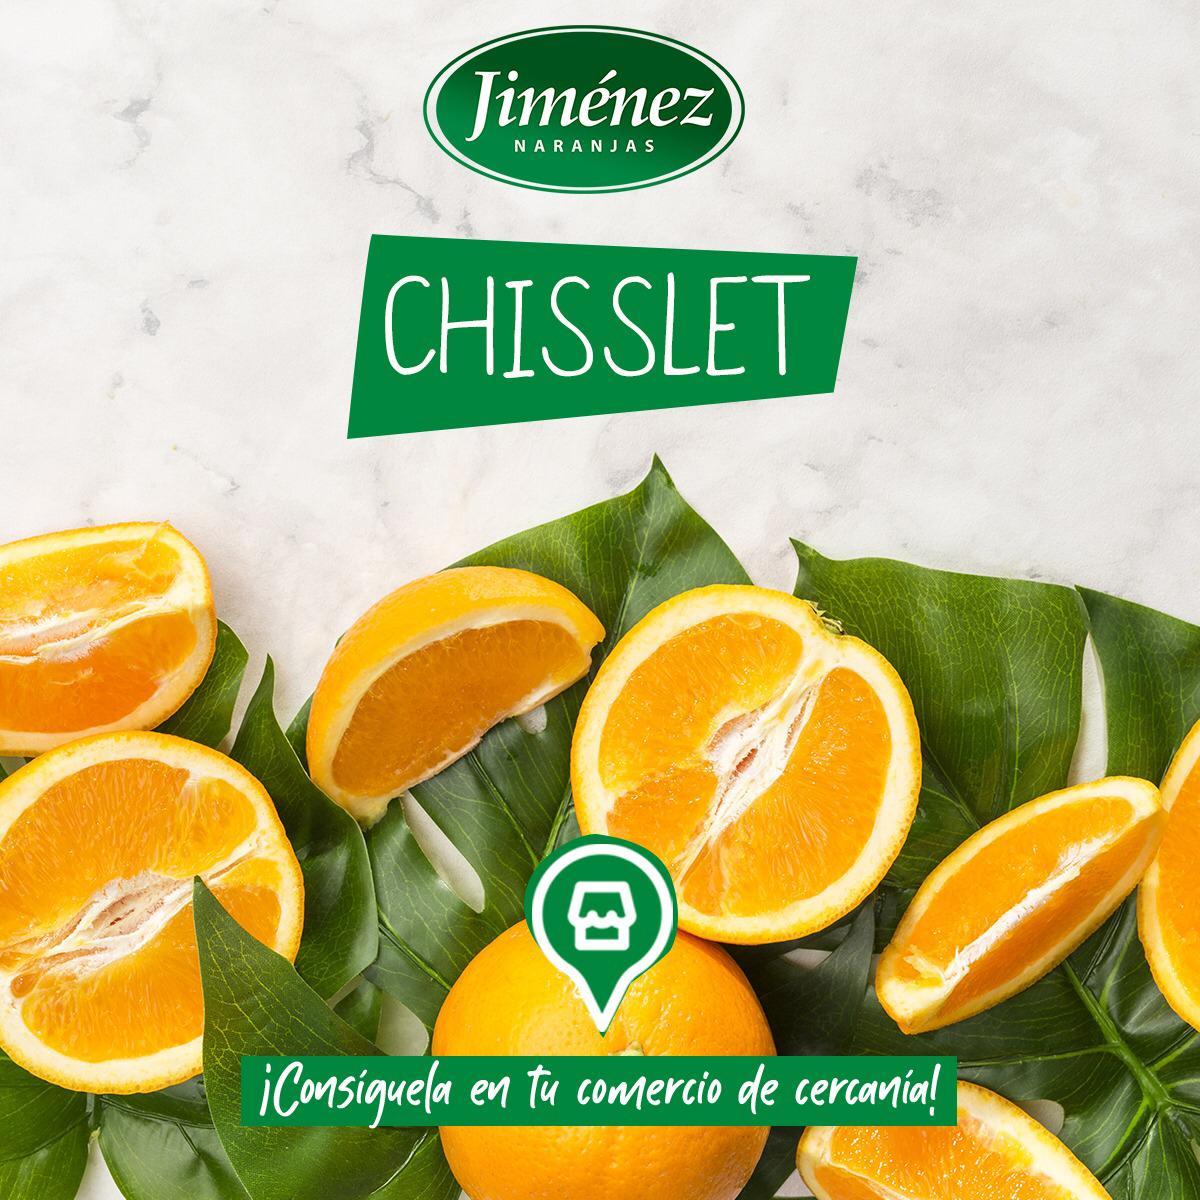 Naranjas Jiménez: variedades - Chisslet